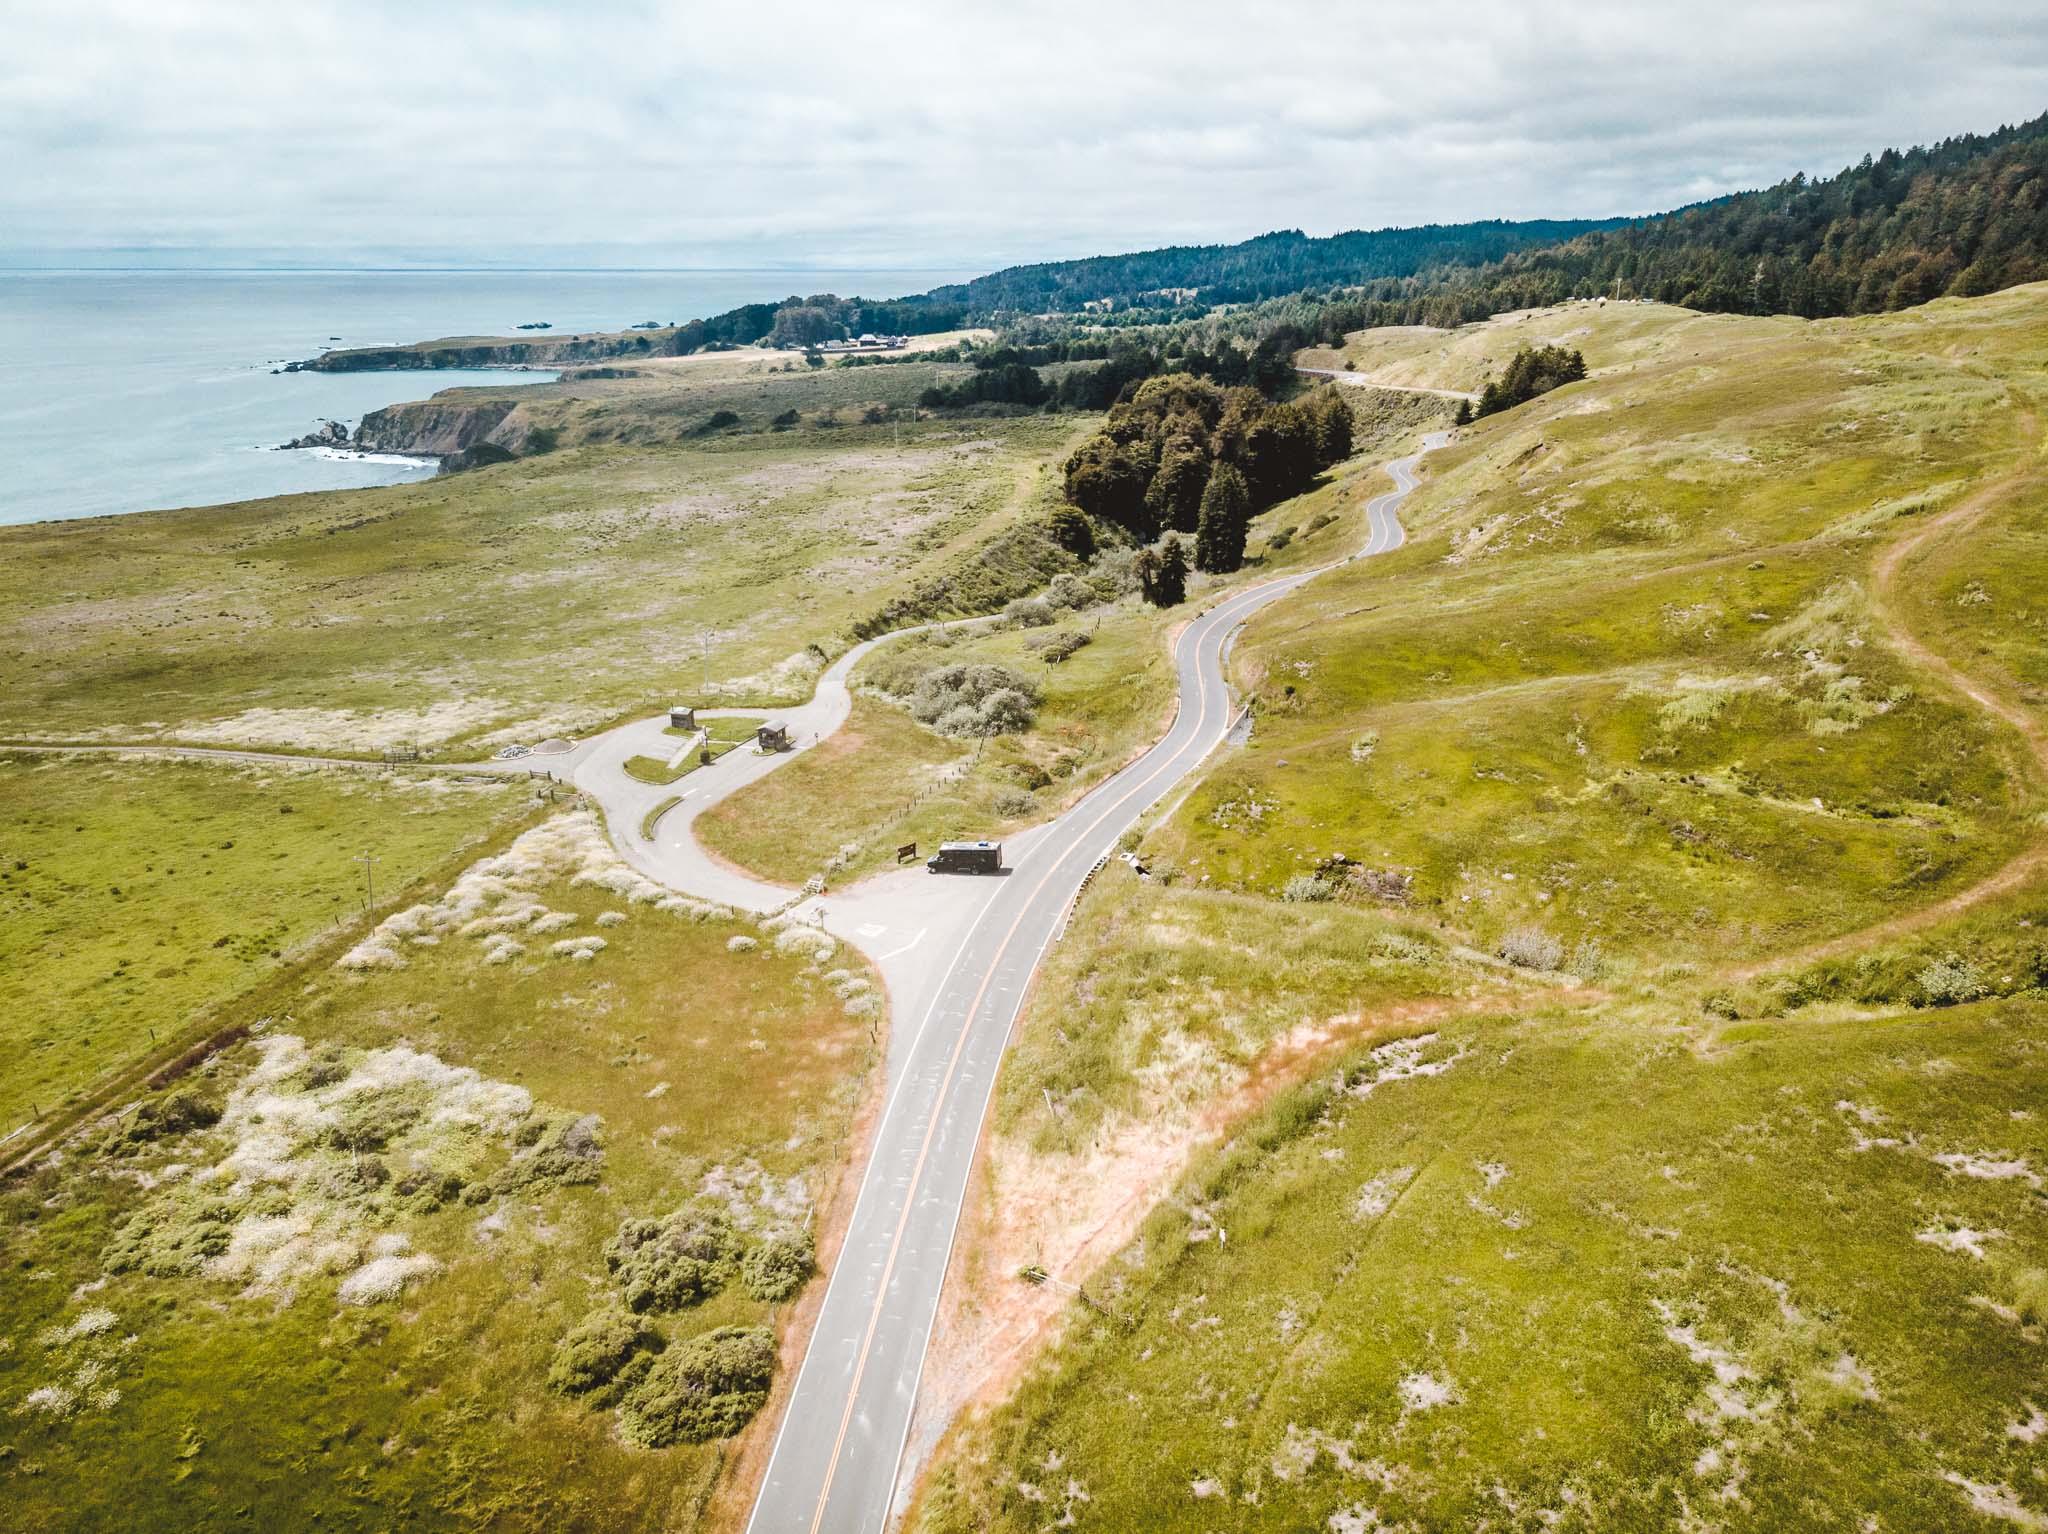 Den Highway 1 in Kalifornien muss man einfach entlangfahren, wenn man einen Roadtrip an der US-Westküste macht!. - Foto: Tobi Bretzke